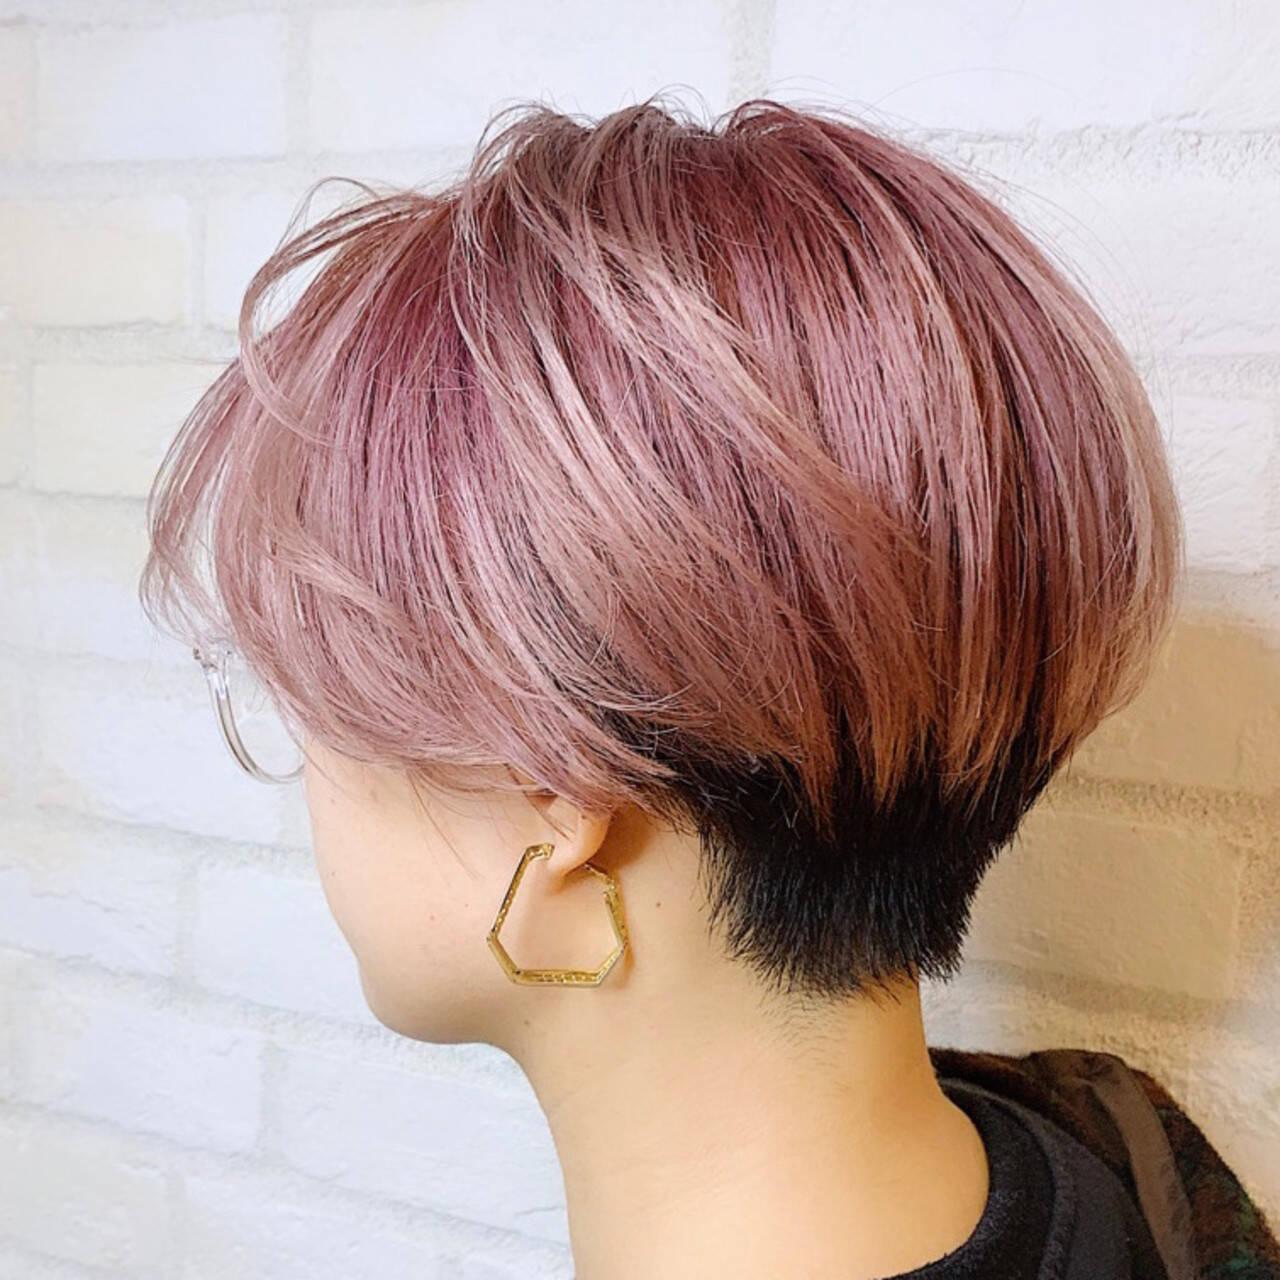 モード ミニボブ ショートボブ ショートヘアスタイルや髪型の写真・画像